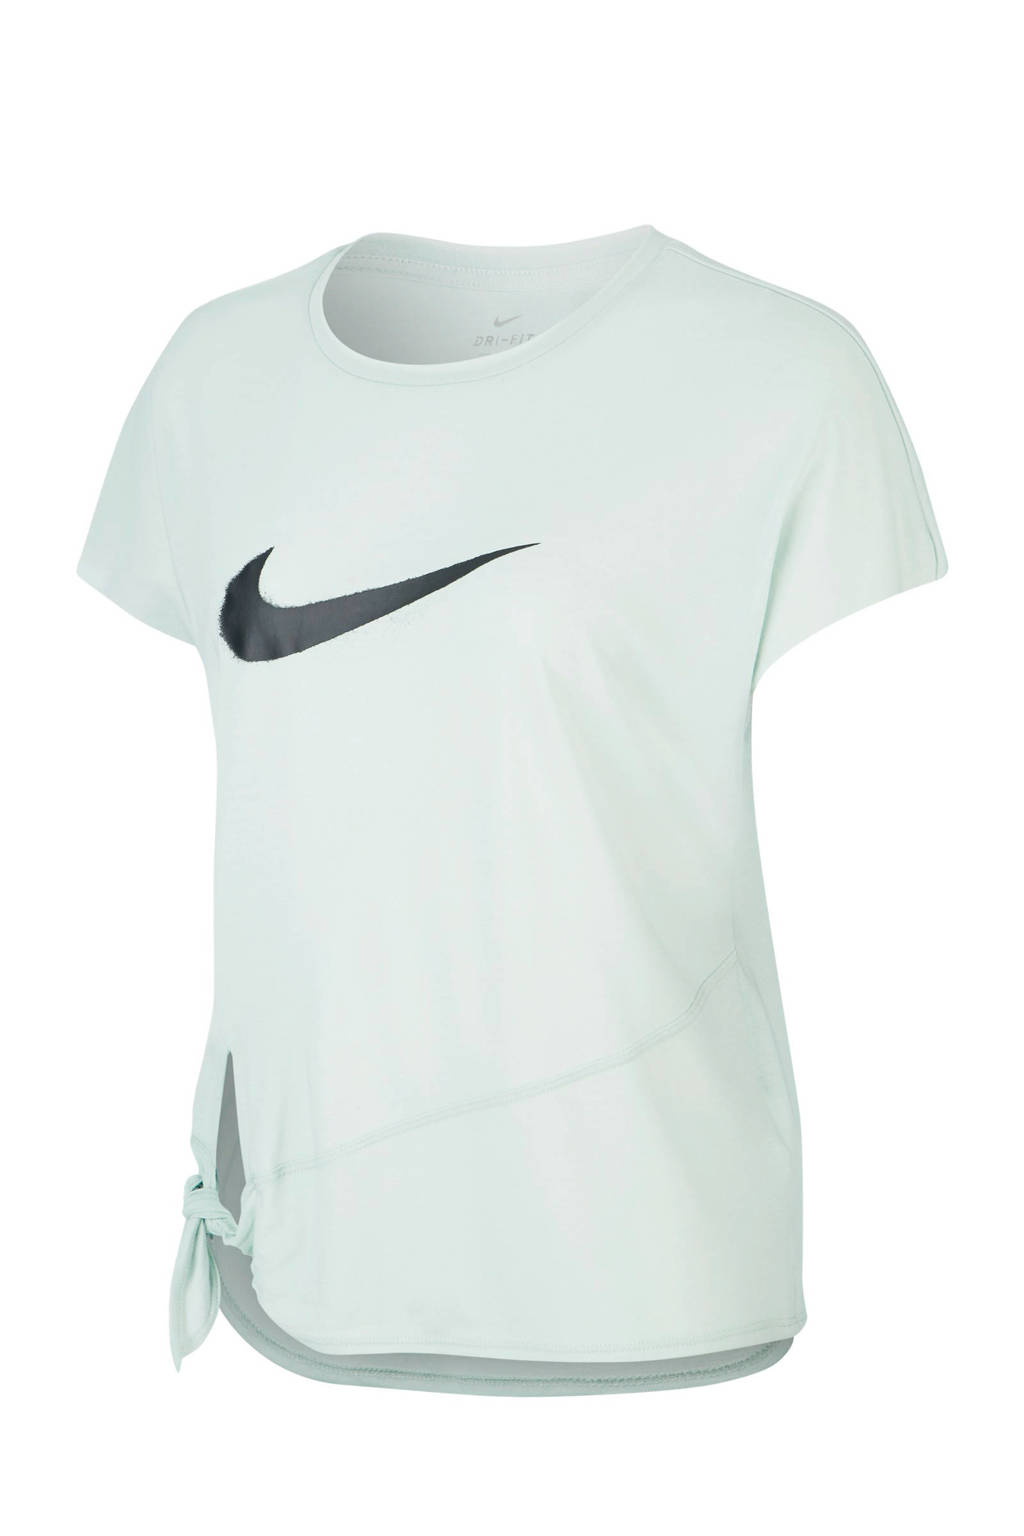 Nike sport T-shirt lichtgroen, Lichtgroen/zwart